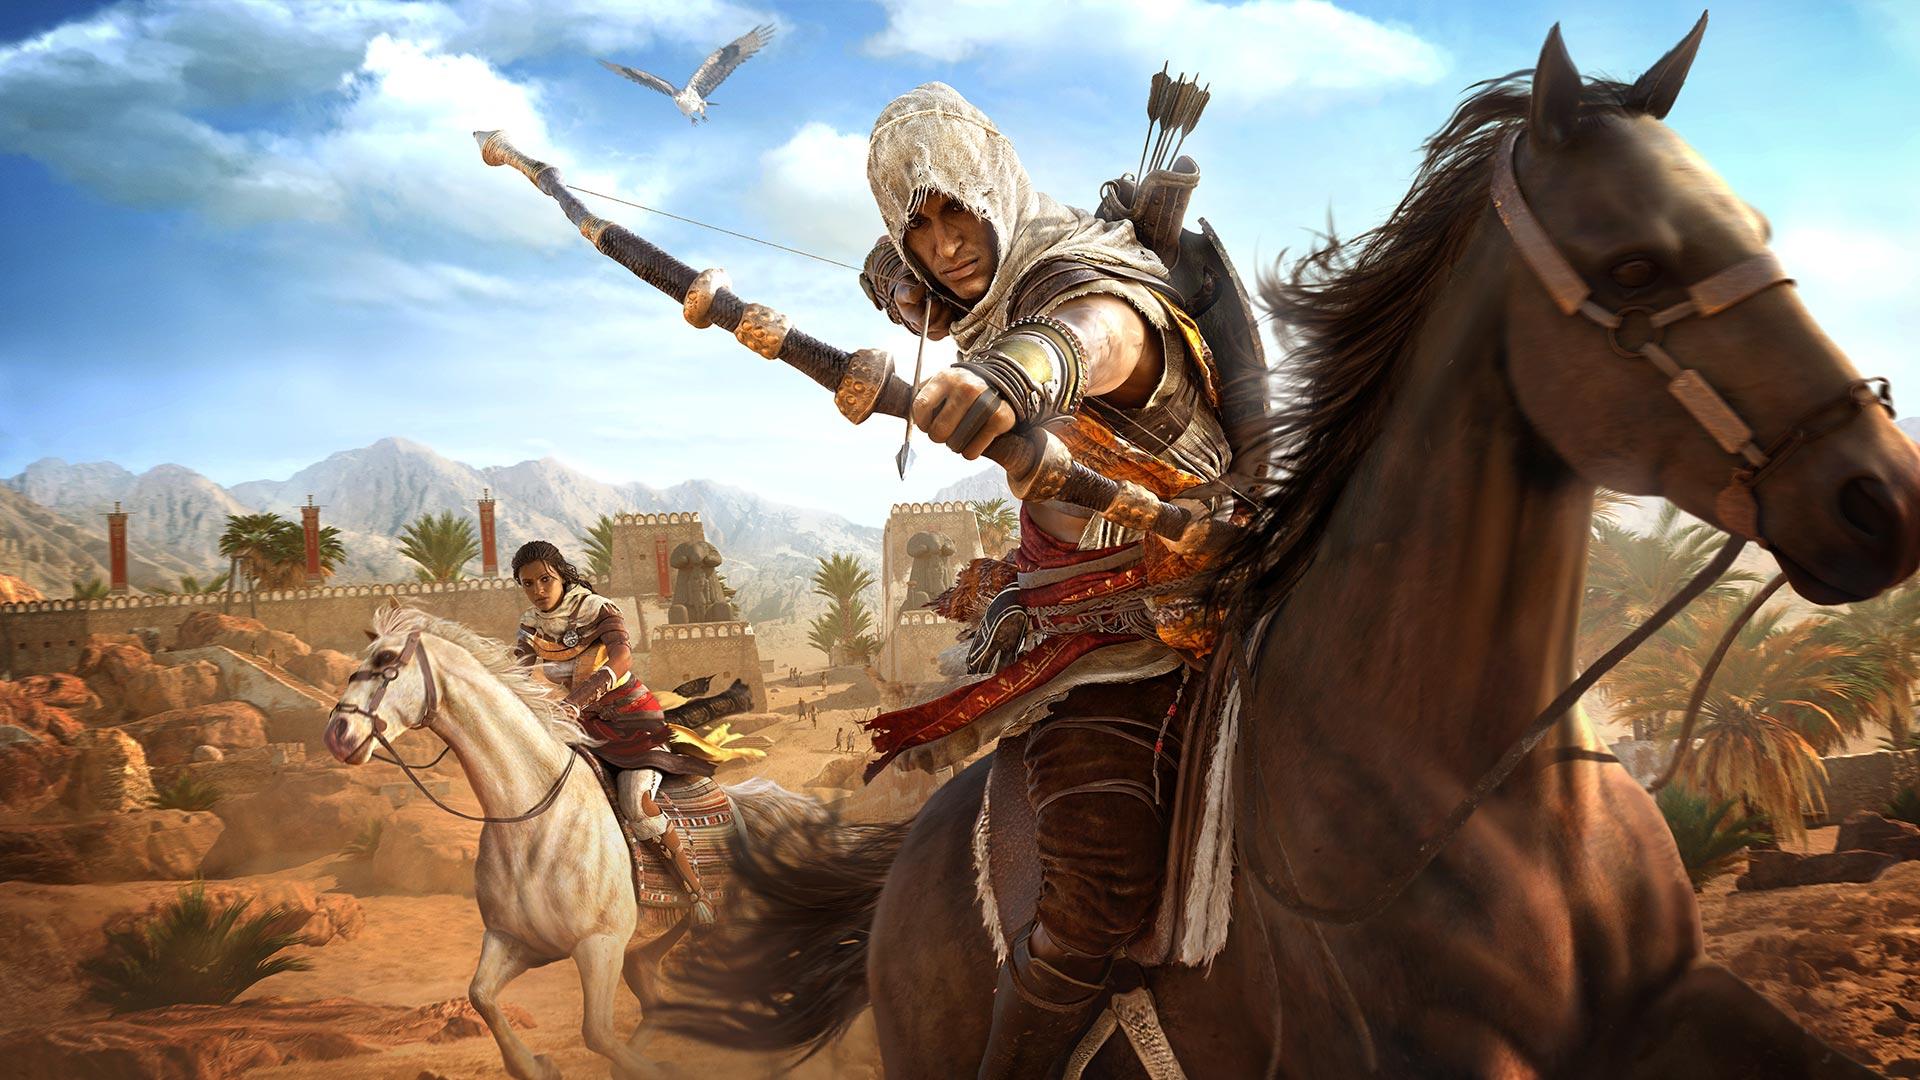 Assassin's Creed Origins соскидкой 80%: вUbisoft Store стартовала летняя распродажа